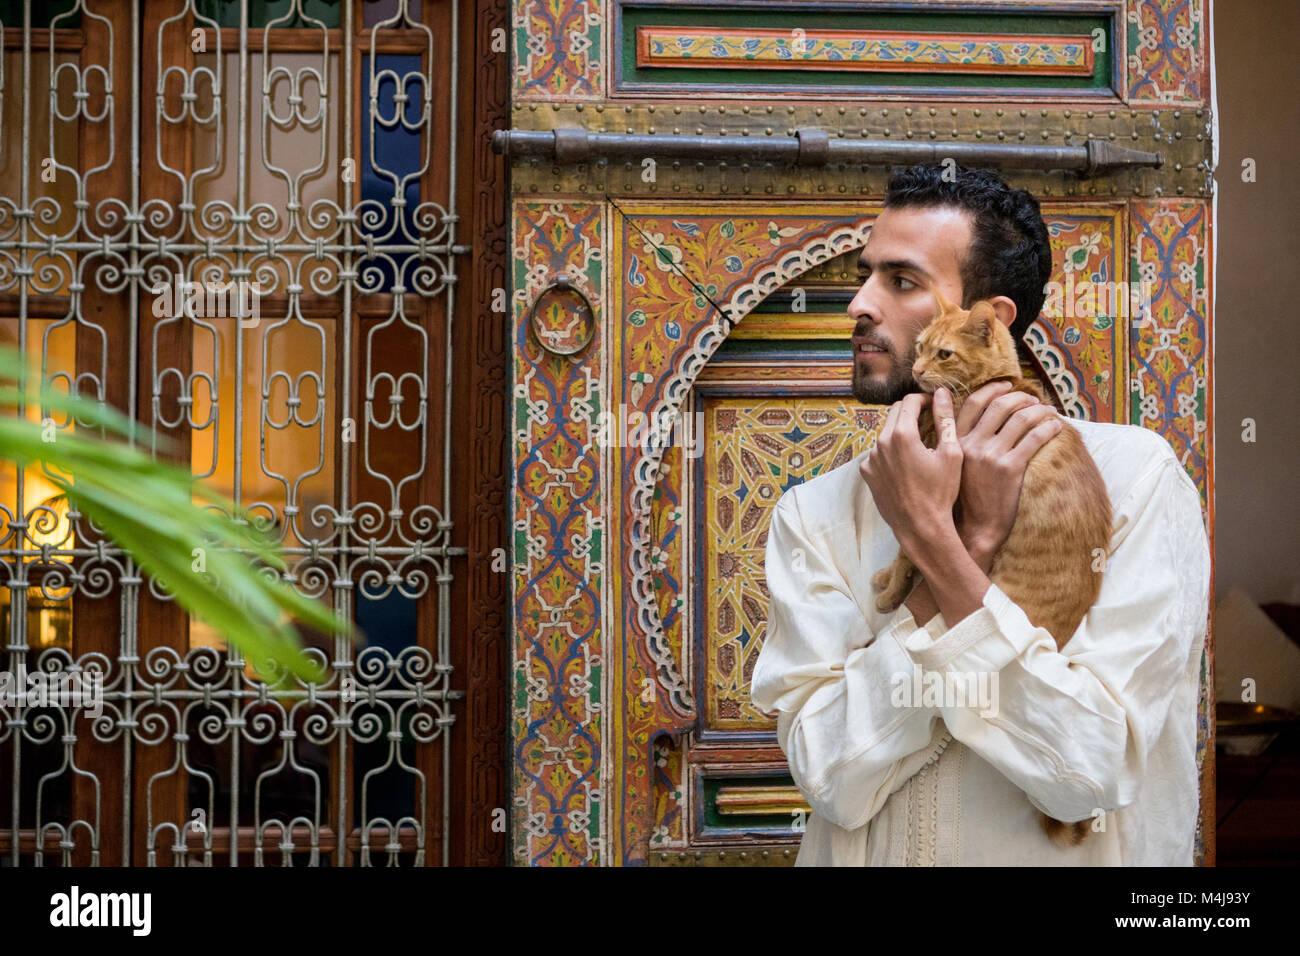 Jeune homme en costume traditionnel musulman tenant un chat jaune dans le style marocain de la température Photo Stock